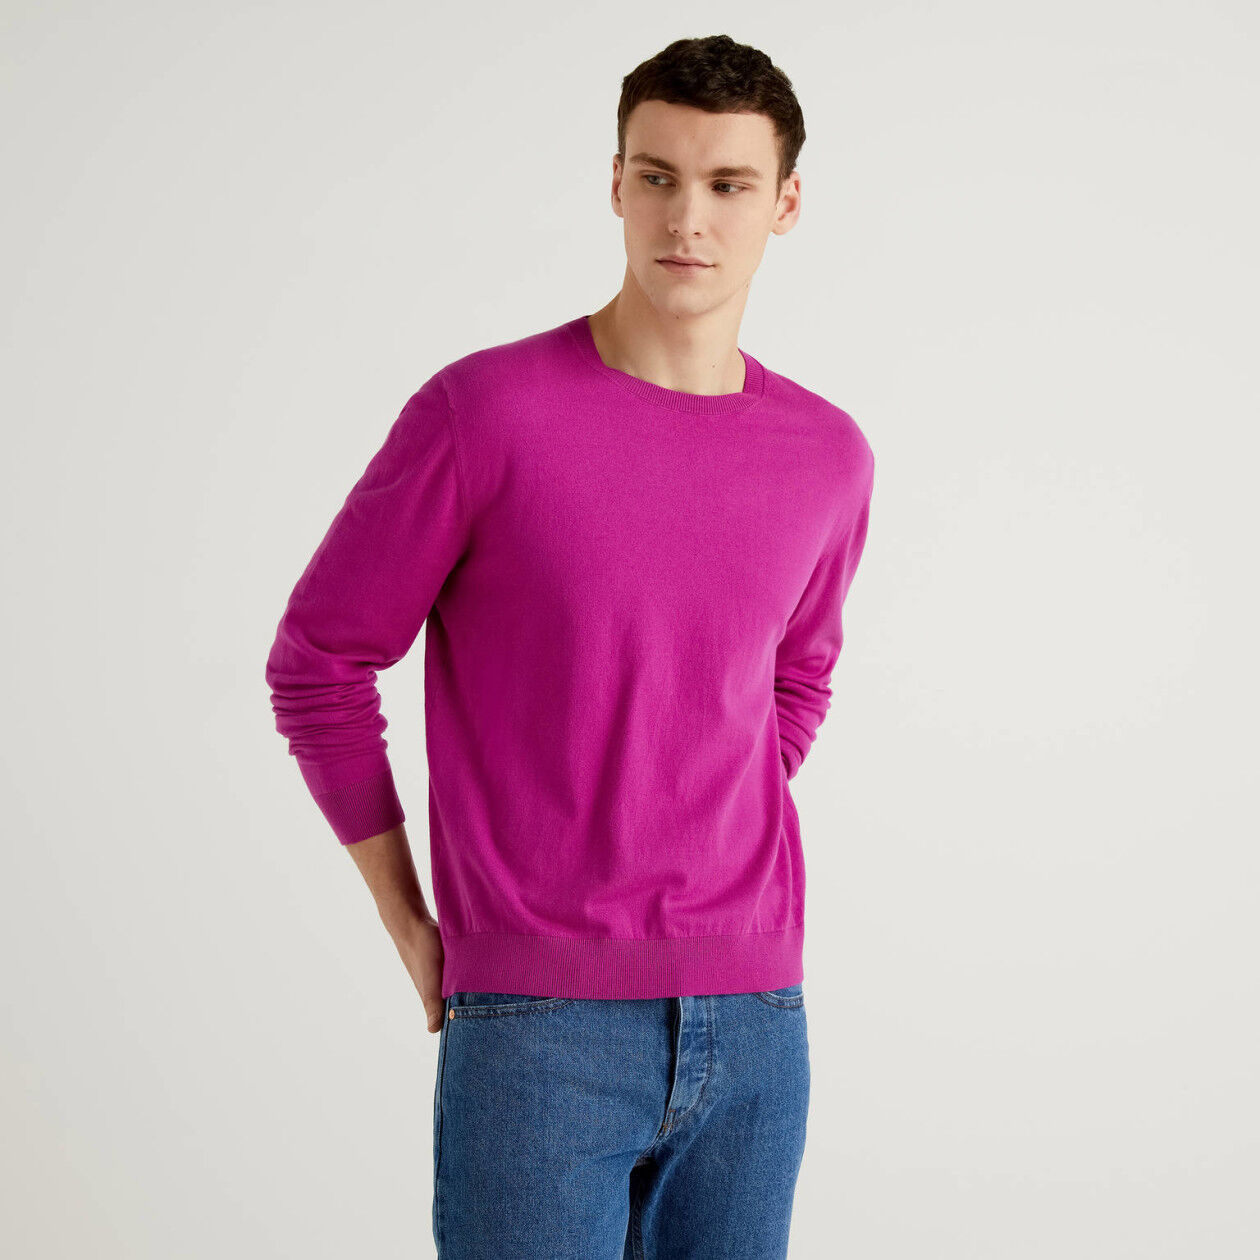 Camisola de gola redonda em mescla de algodão